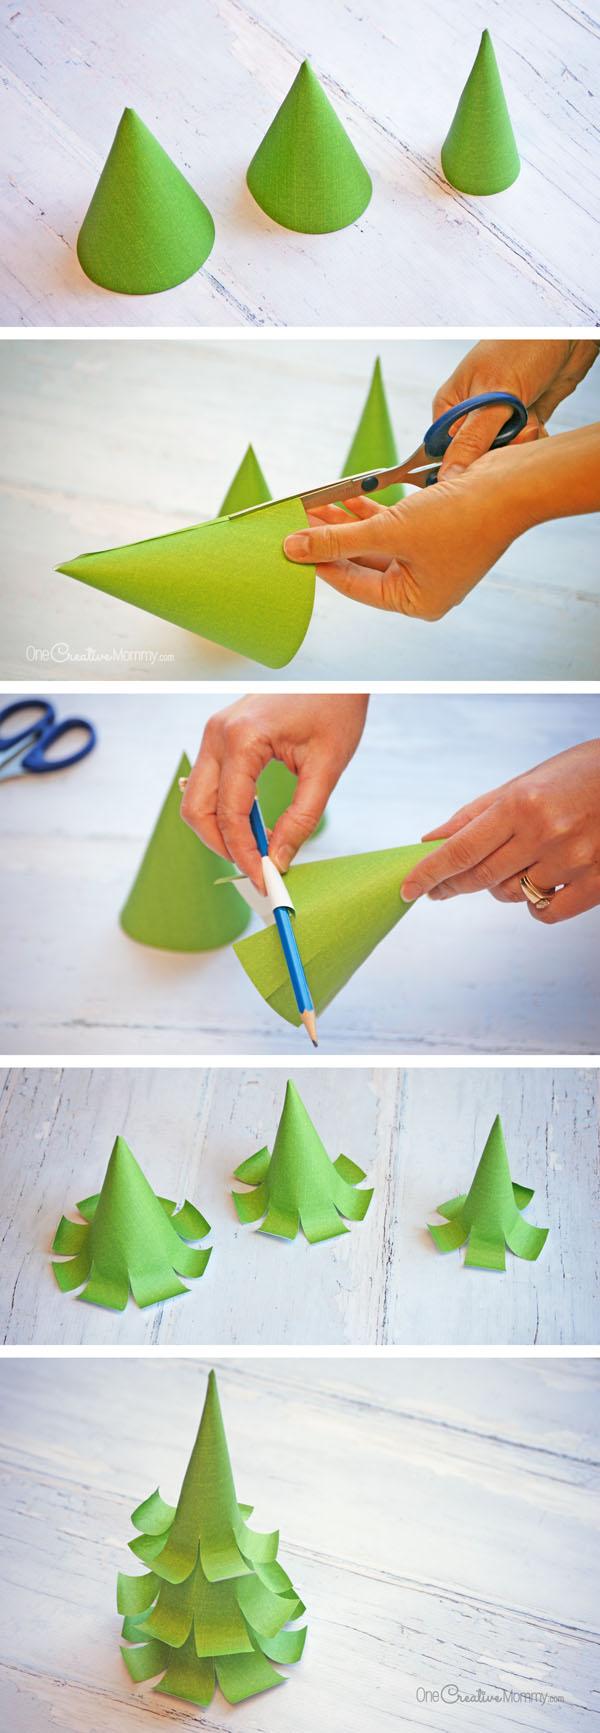 Как своими руками сделать маленькую елочку своими руками